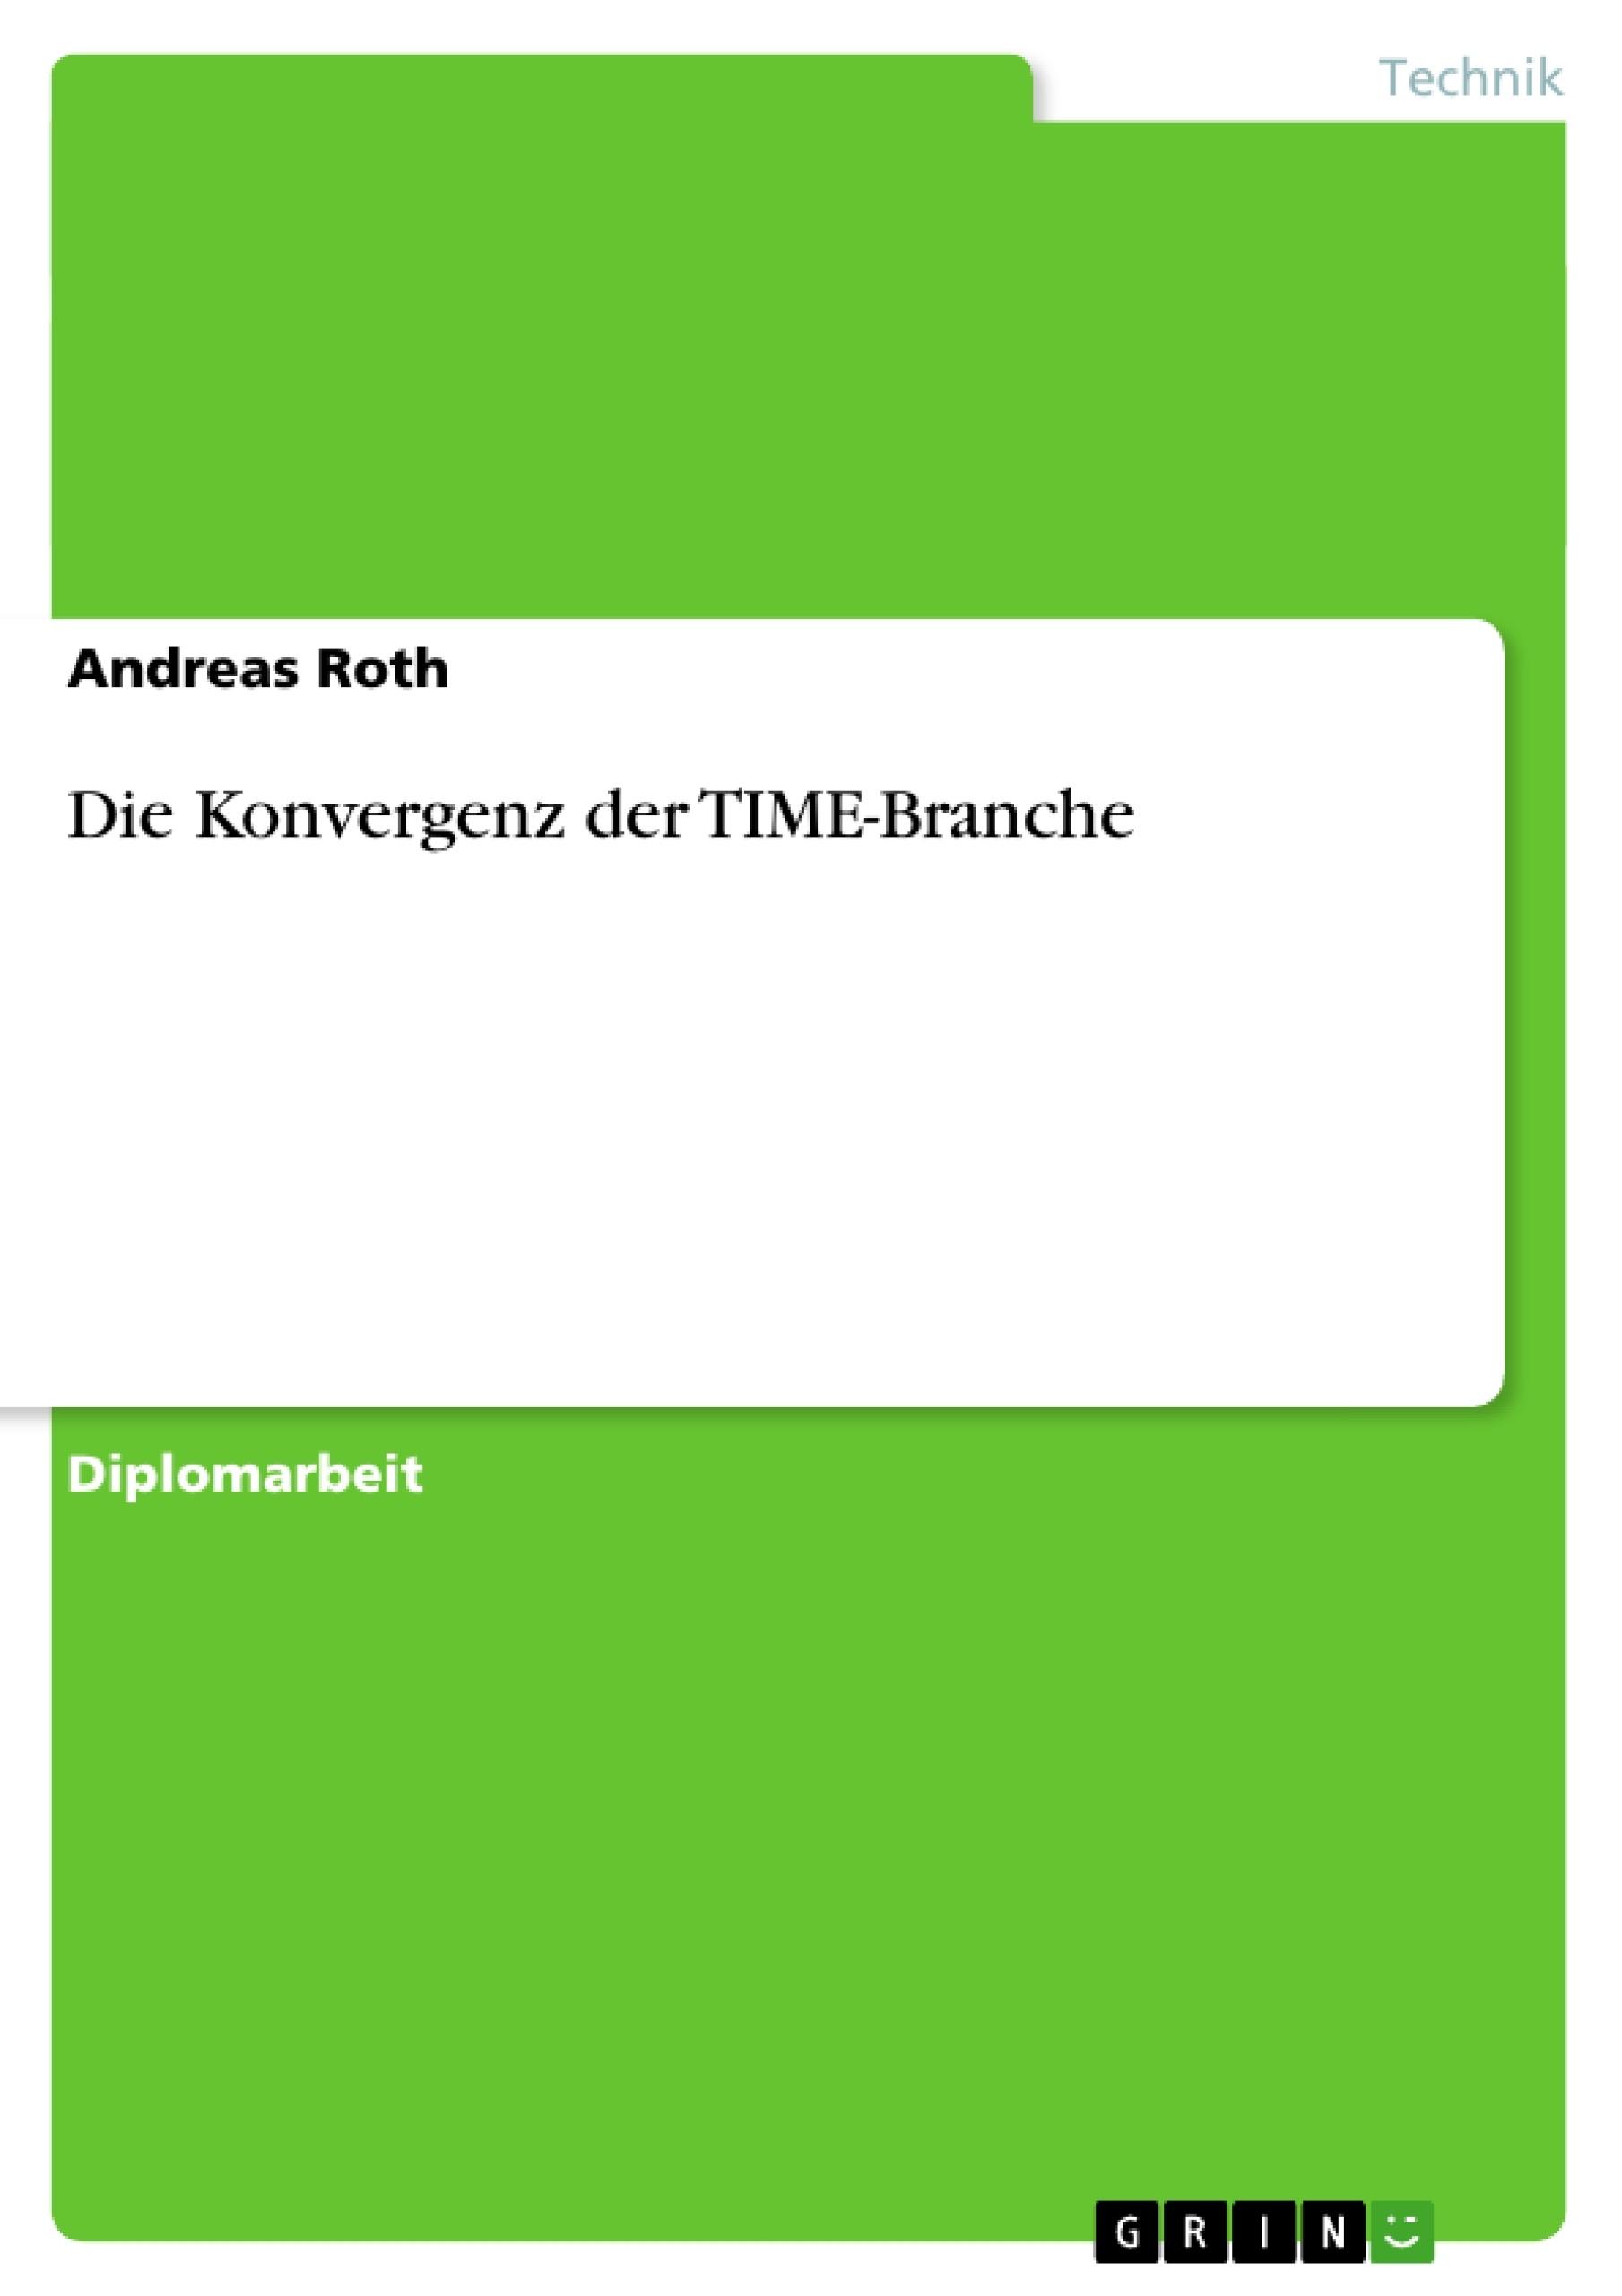 Titel: Die Konvergenz der TIME-Branche